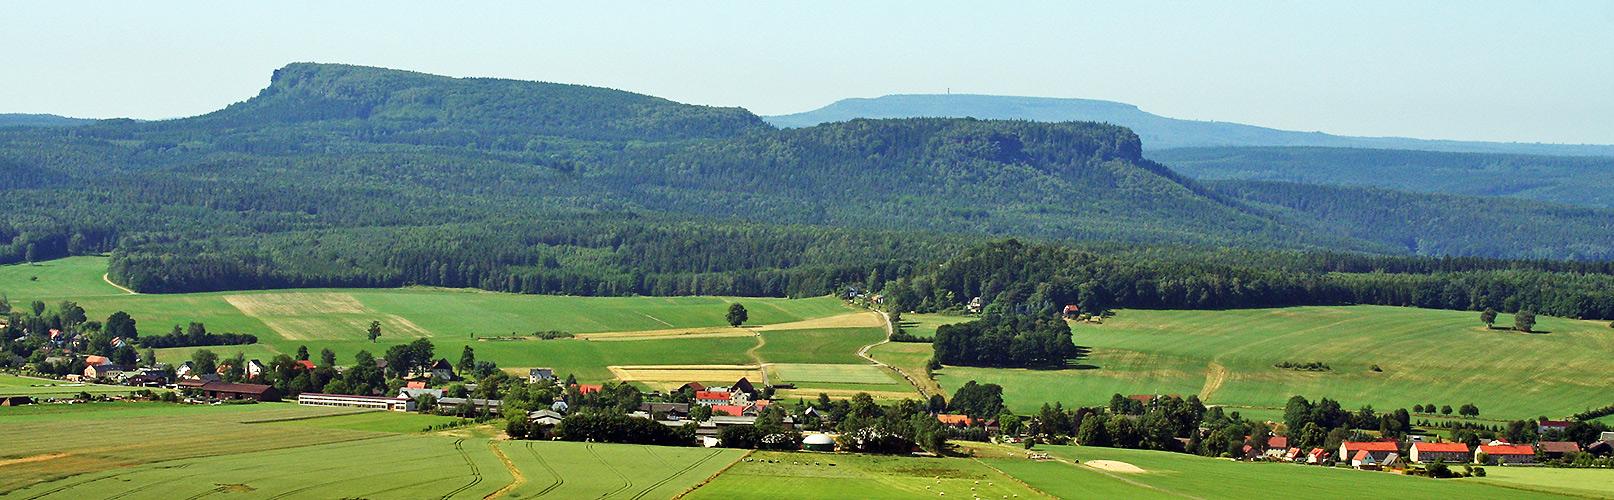 Decinsky Sneznik 723 Meter und Großer Zschirnstein 560 Meter